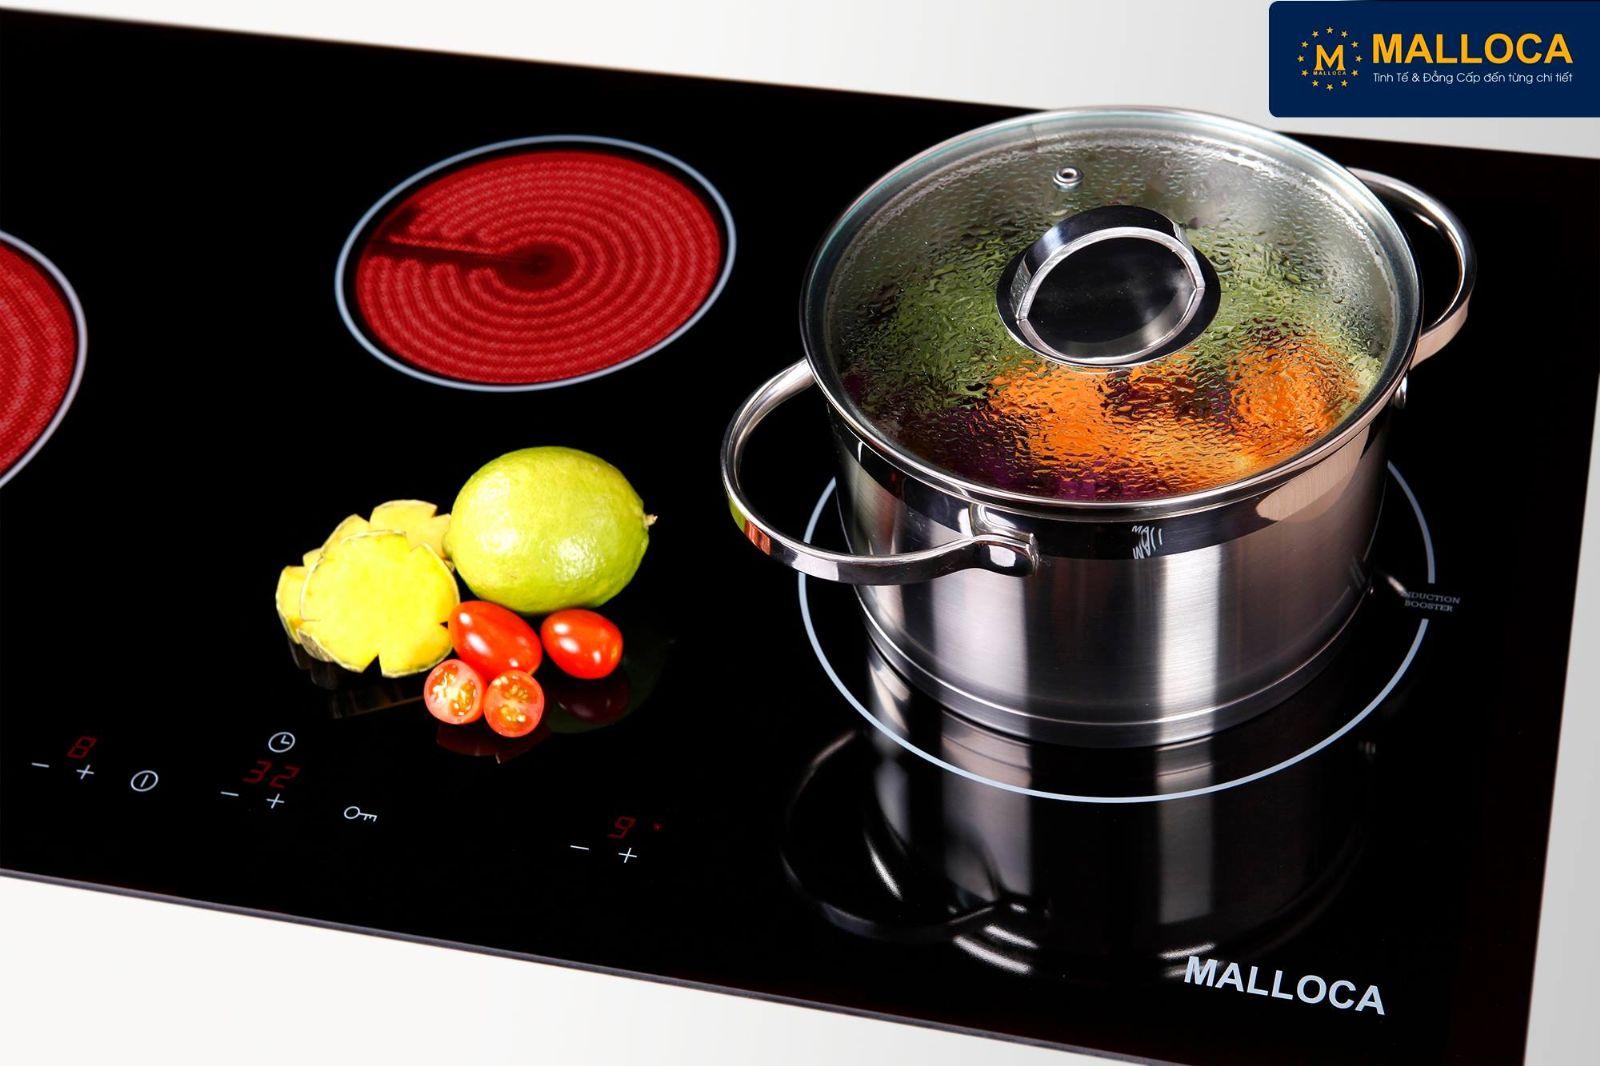 bếp điện từ malloca có tốt khống ?